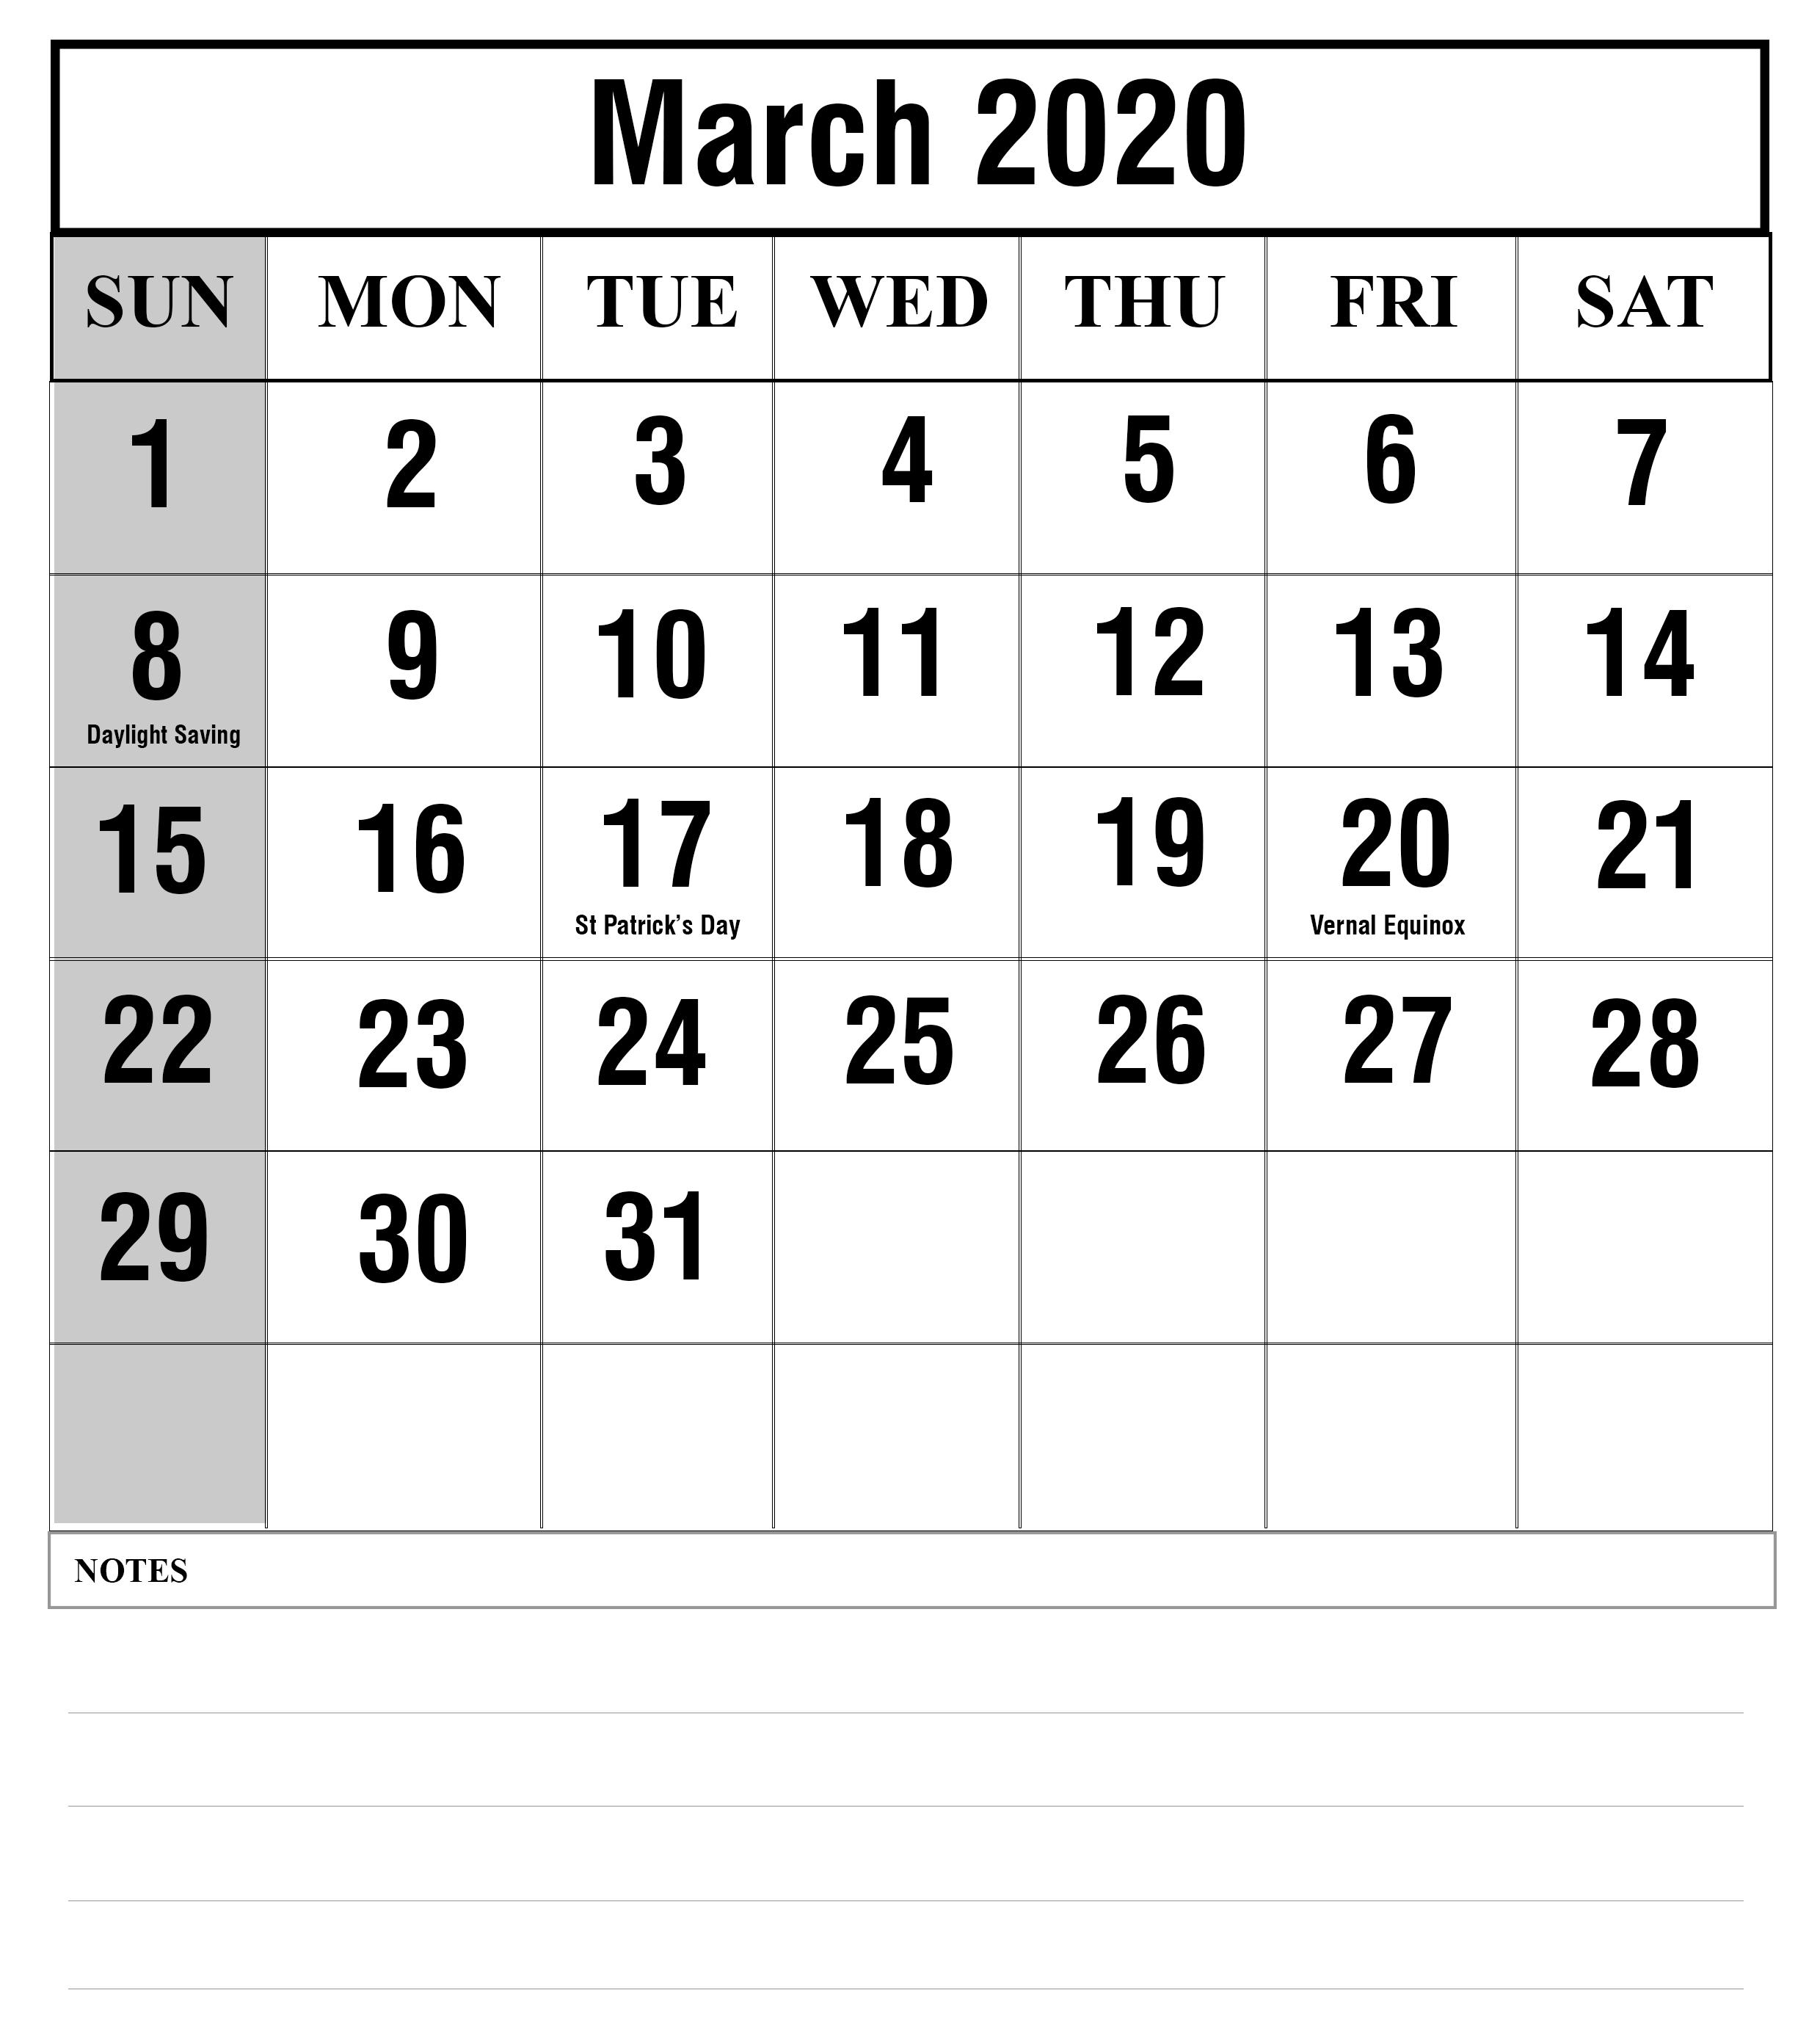 2019 Calendar 2020 Printable With Holidays - Free Printable